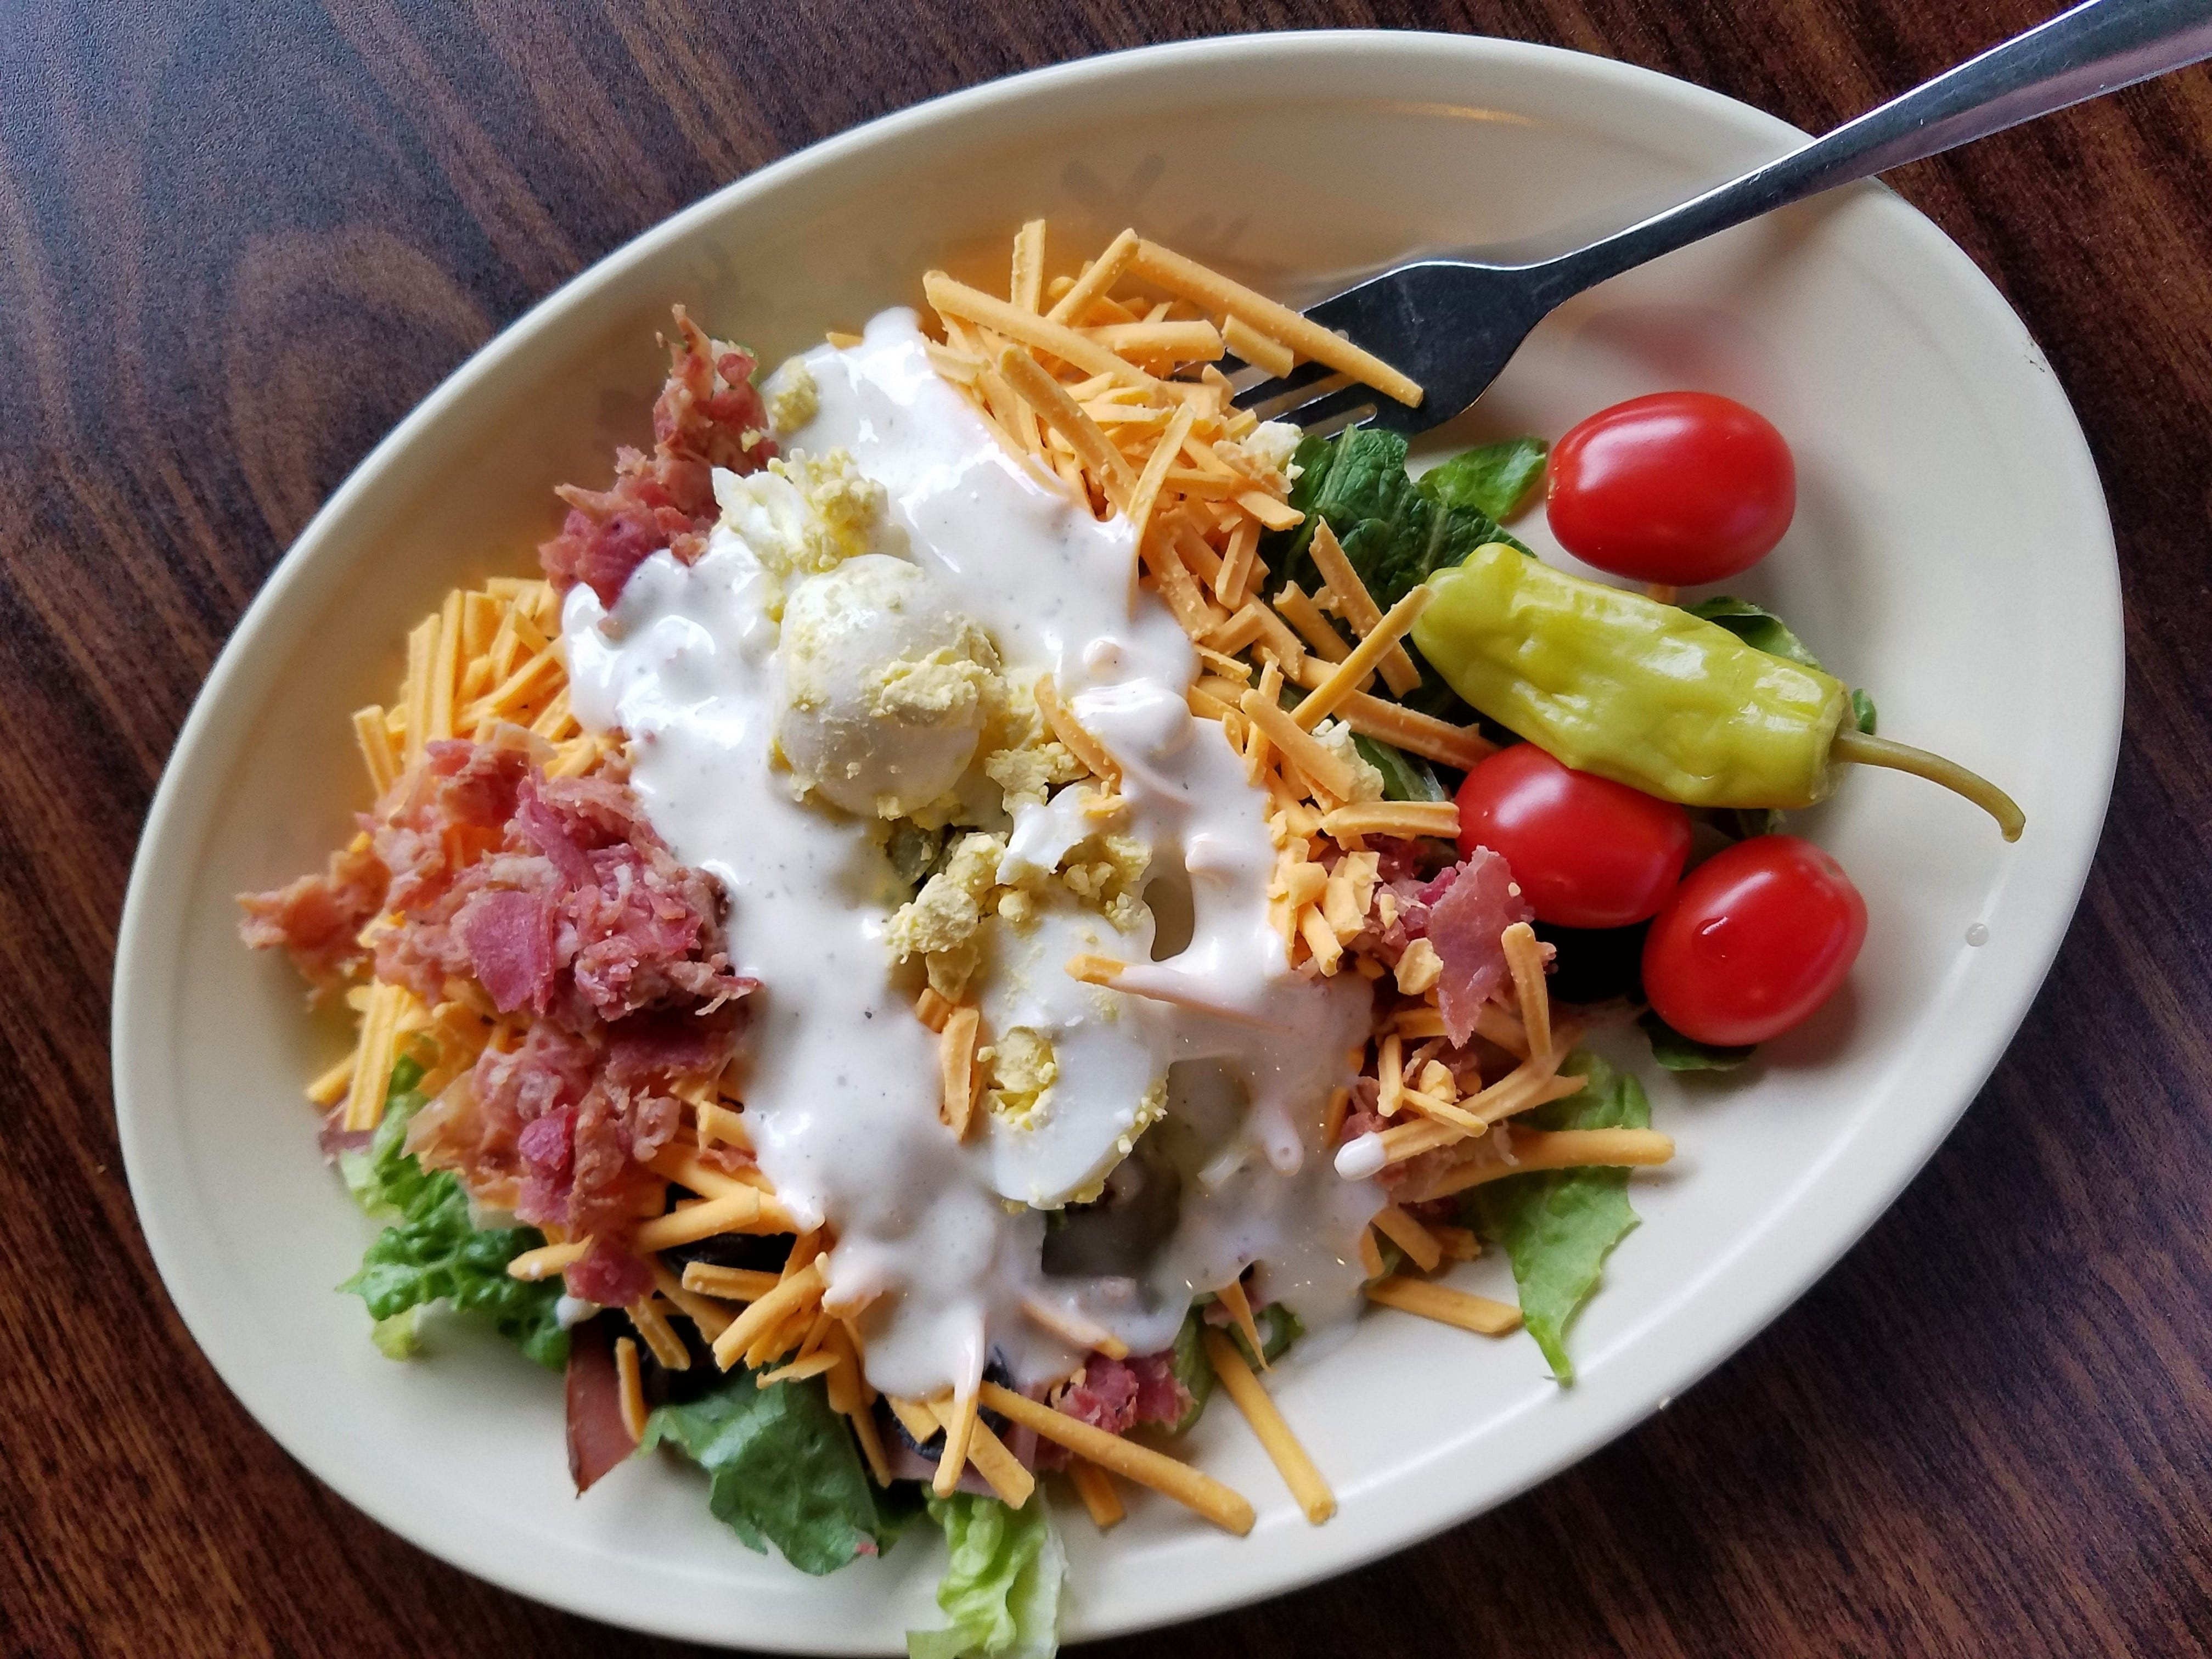 A fresh salad bar creation at Gottzz's in Carmi.